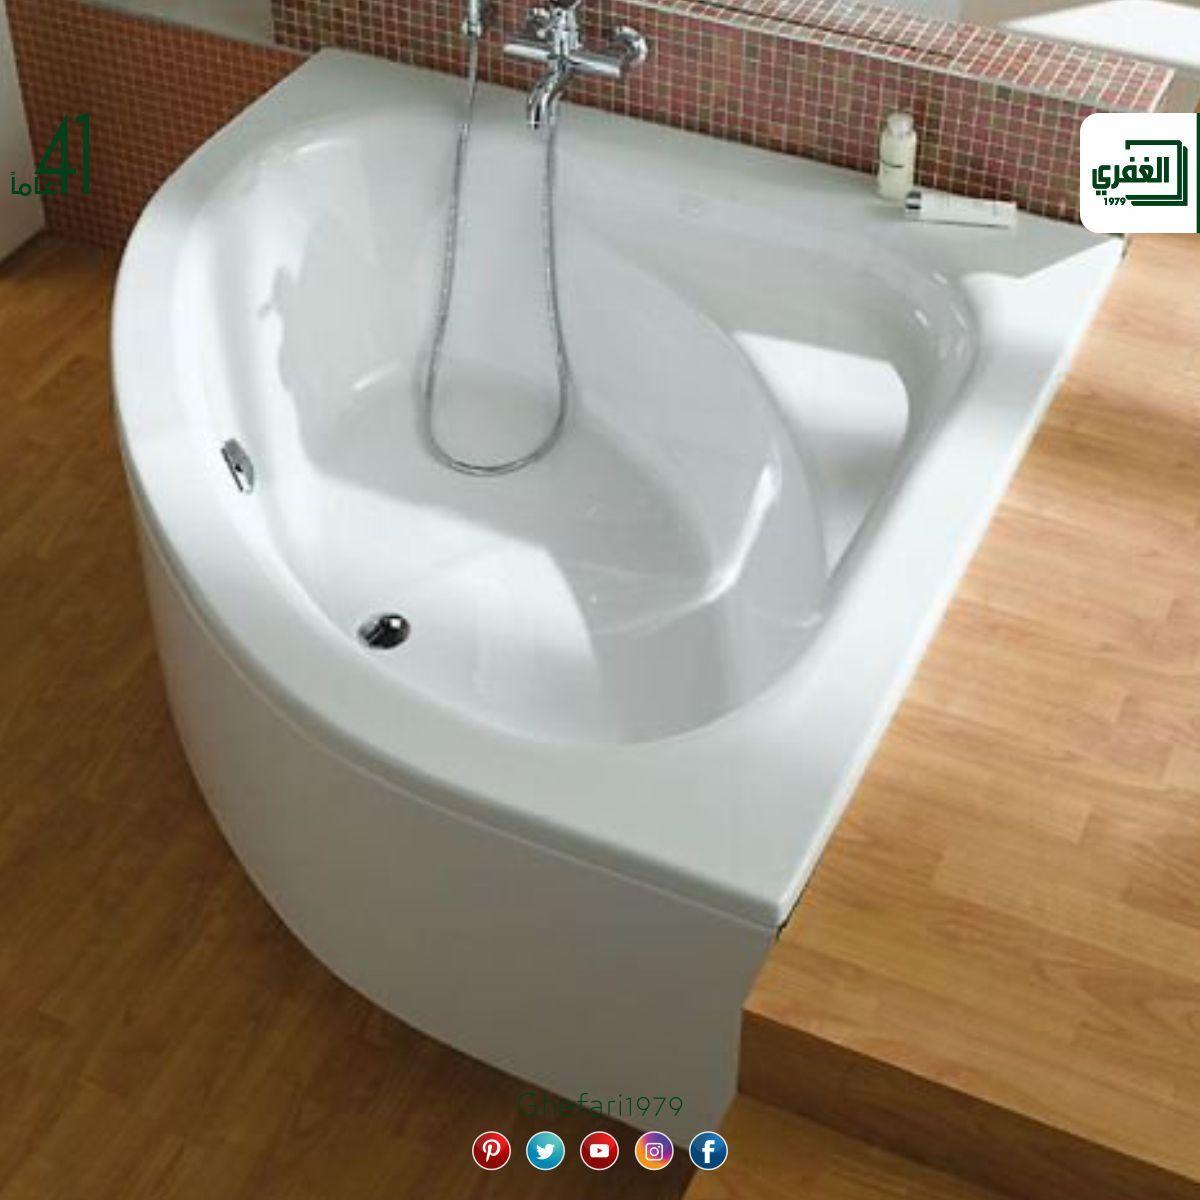 من شركة Vitra Turkiye بانيو زاوية اكريليك متوفر مقاسات 140x140 Cm متوفر اللون الابيض 130x130 Cm متوفر اللون البيج للمز Bathtub Instagram Posts Bathroom